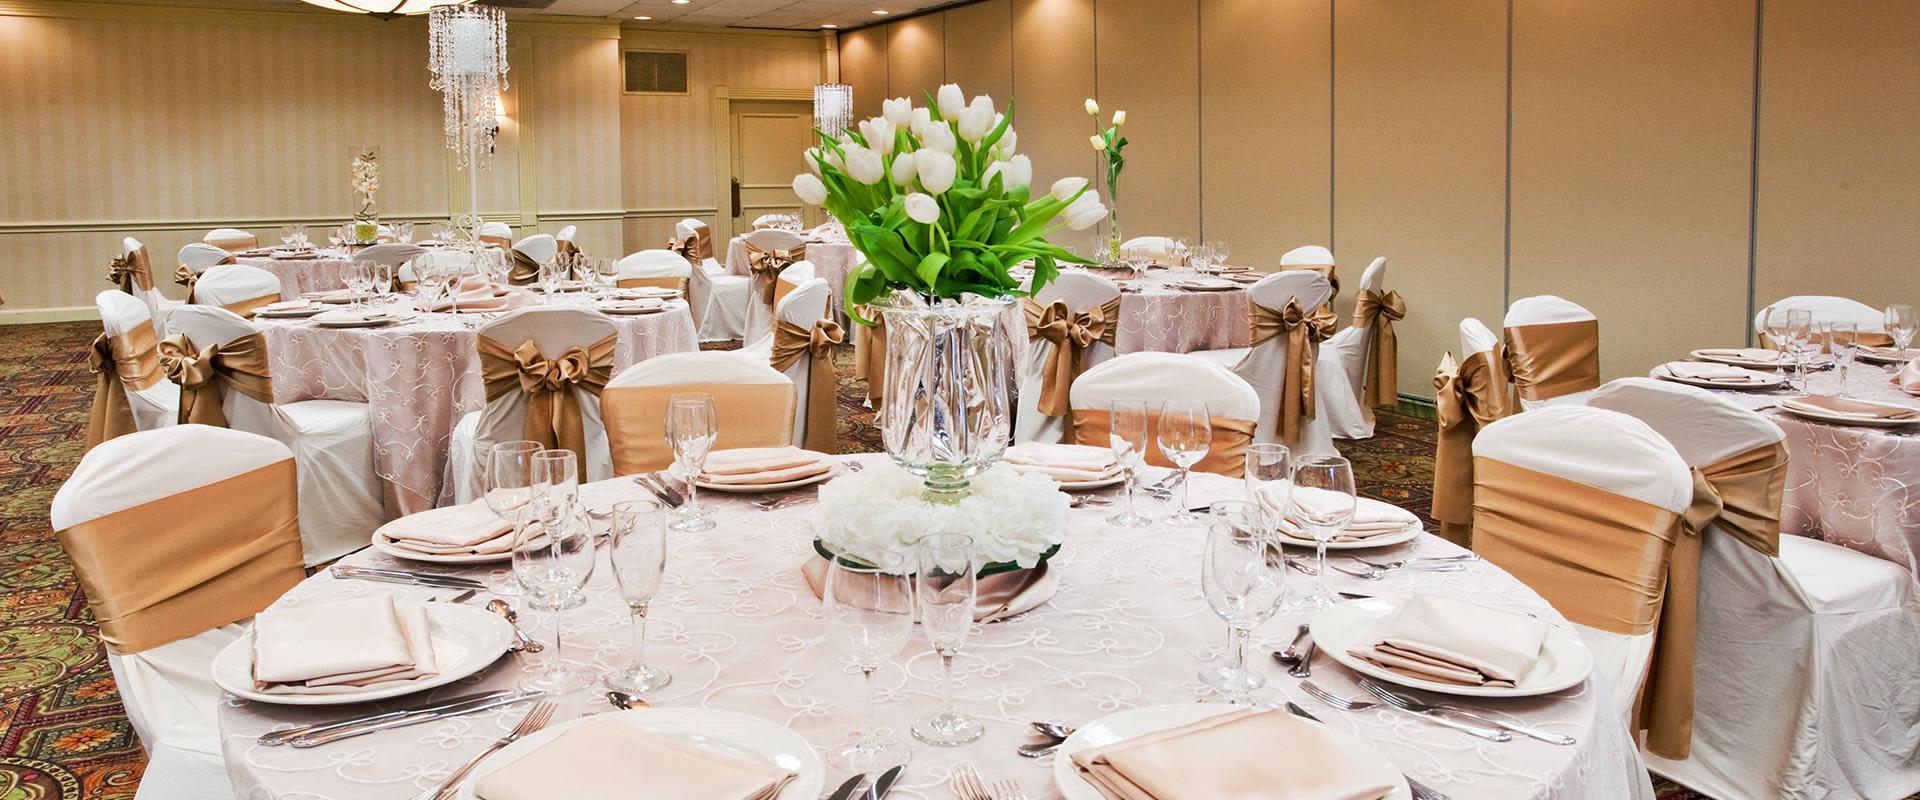 Atlanta Airport Hotel Ballroom Venue